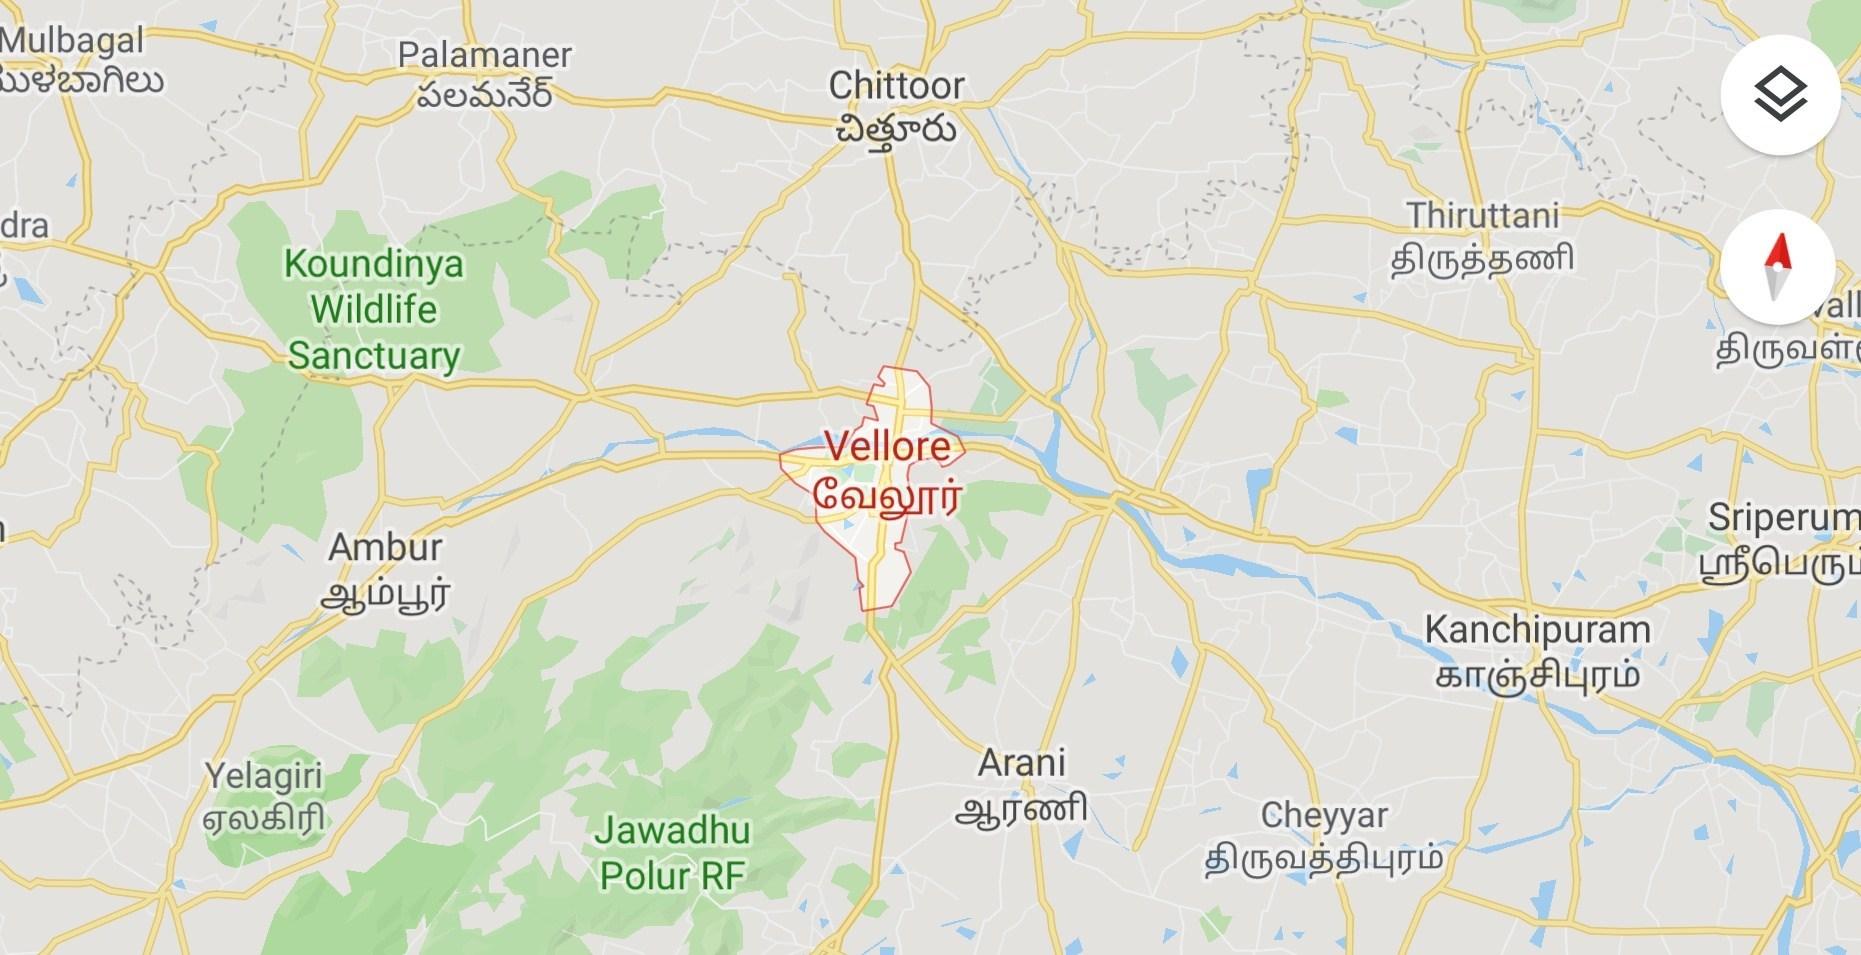 Vellore-Tamilnadu